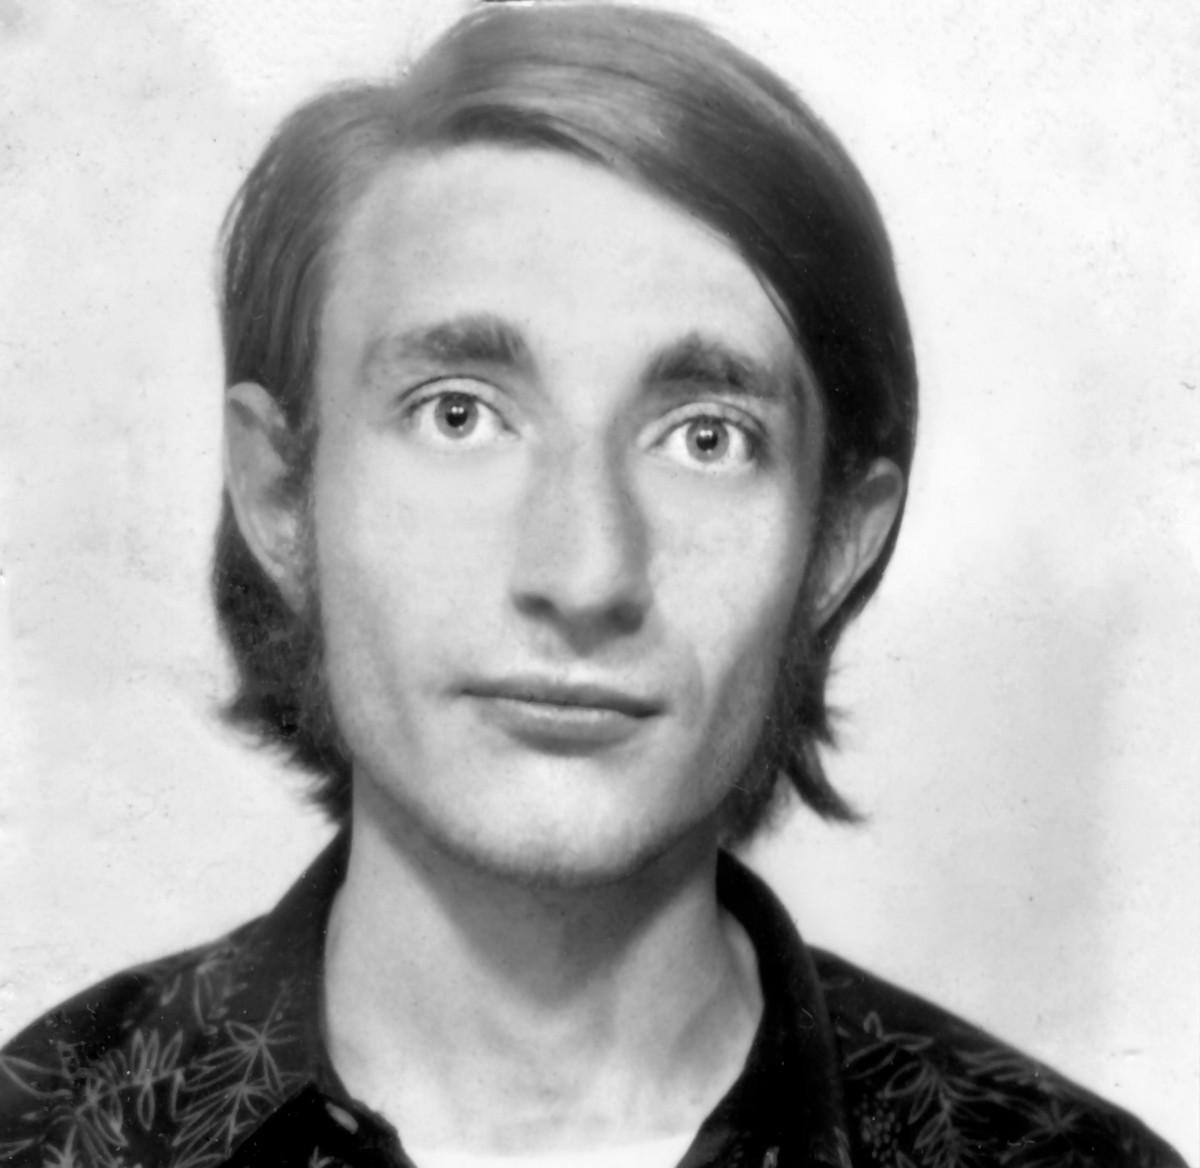 Raph_20-ans_1972